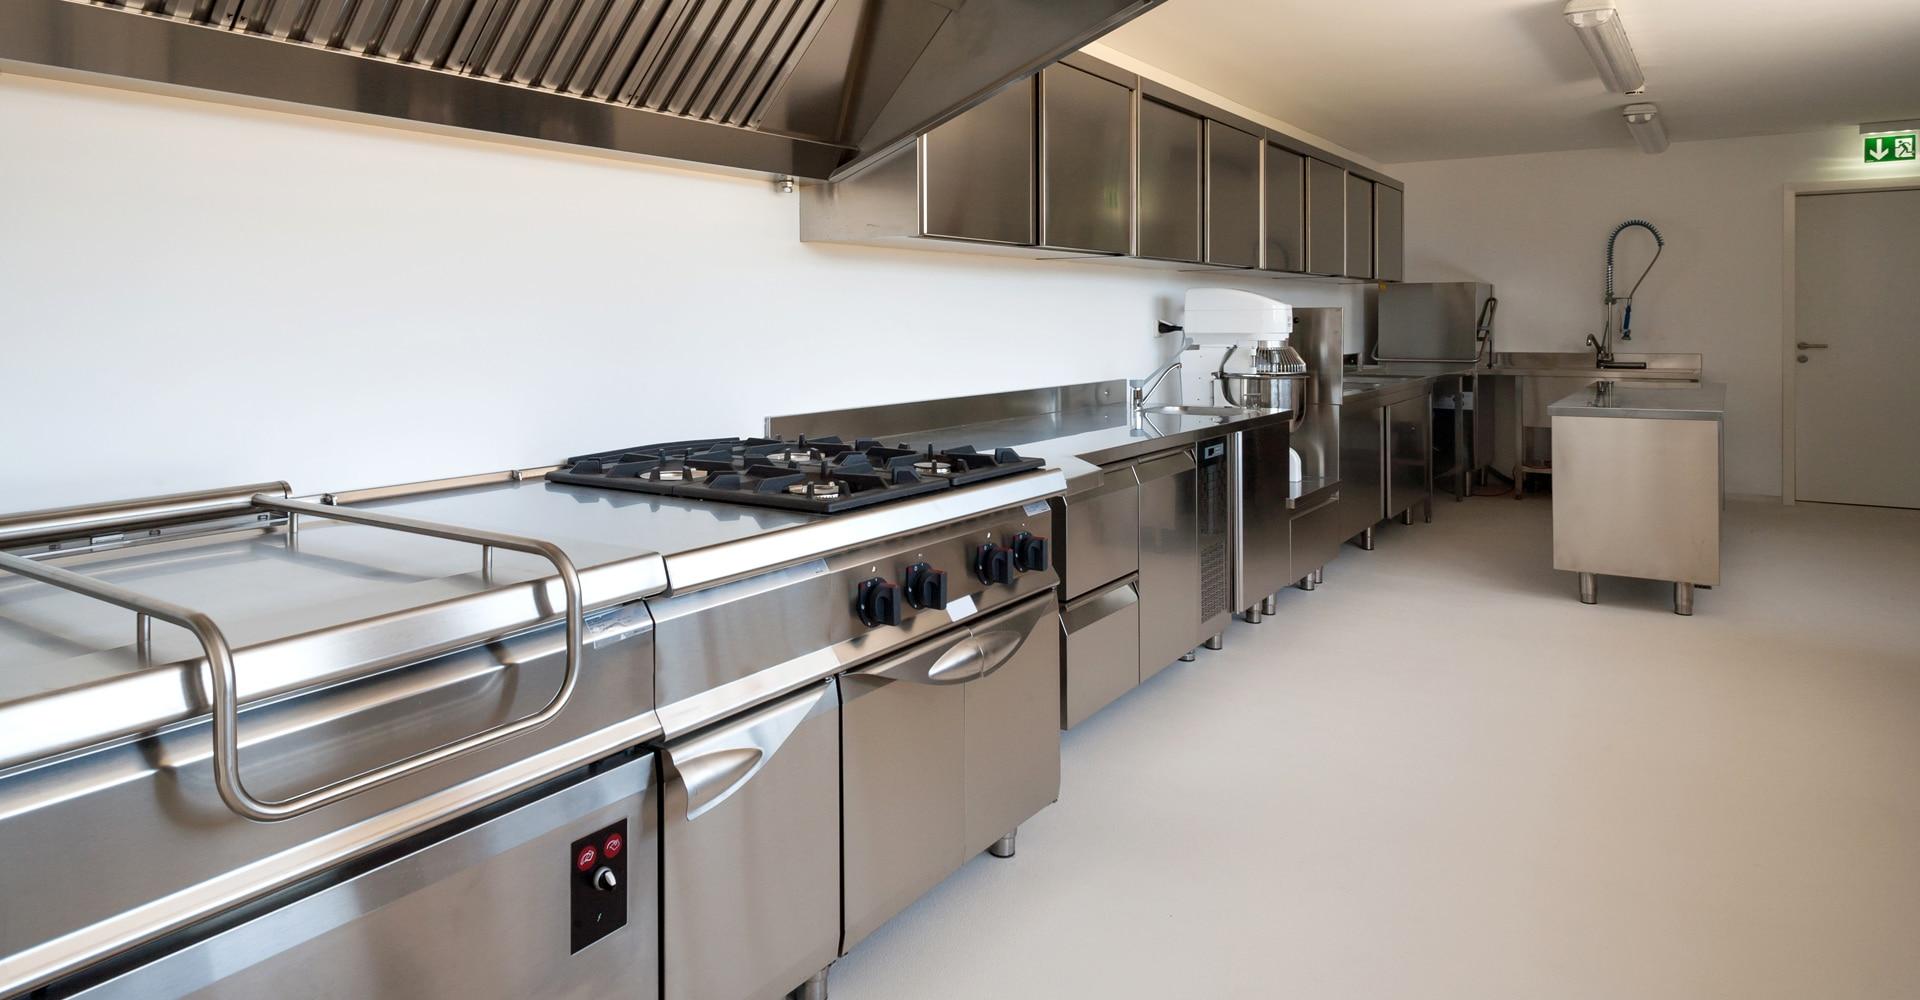 Horecavloer keuken